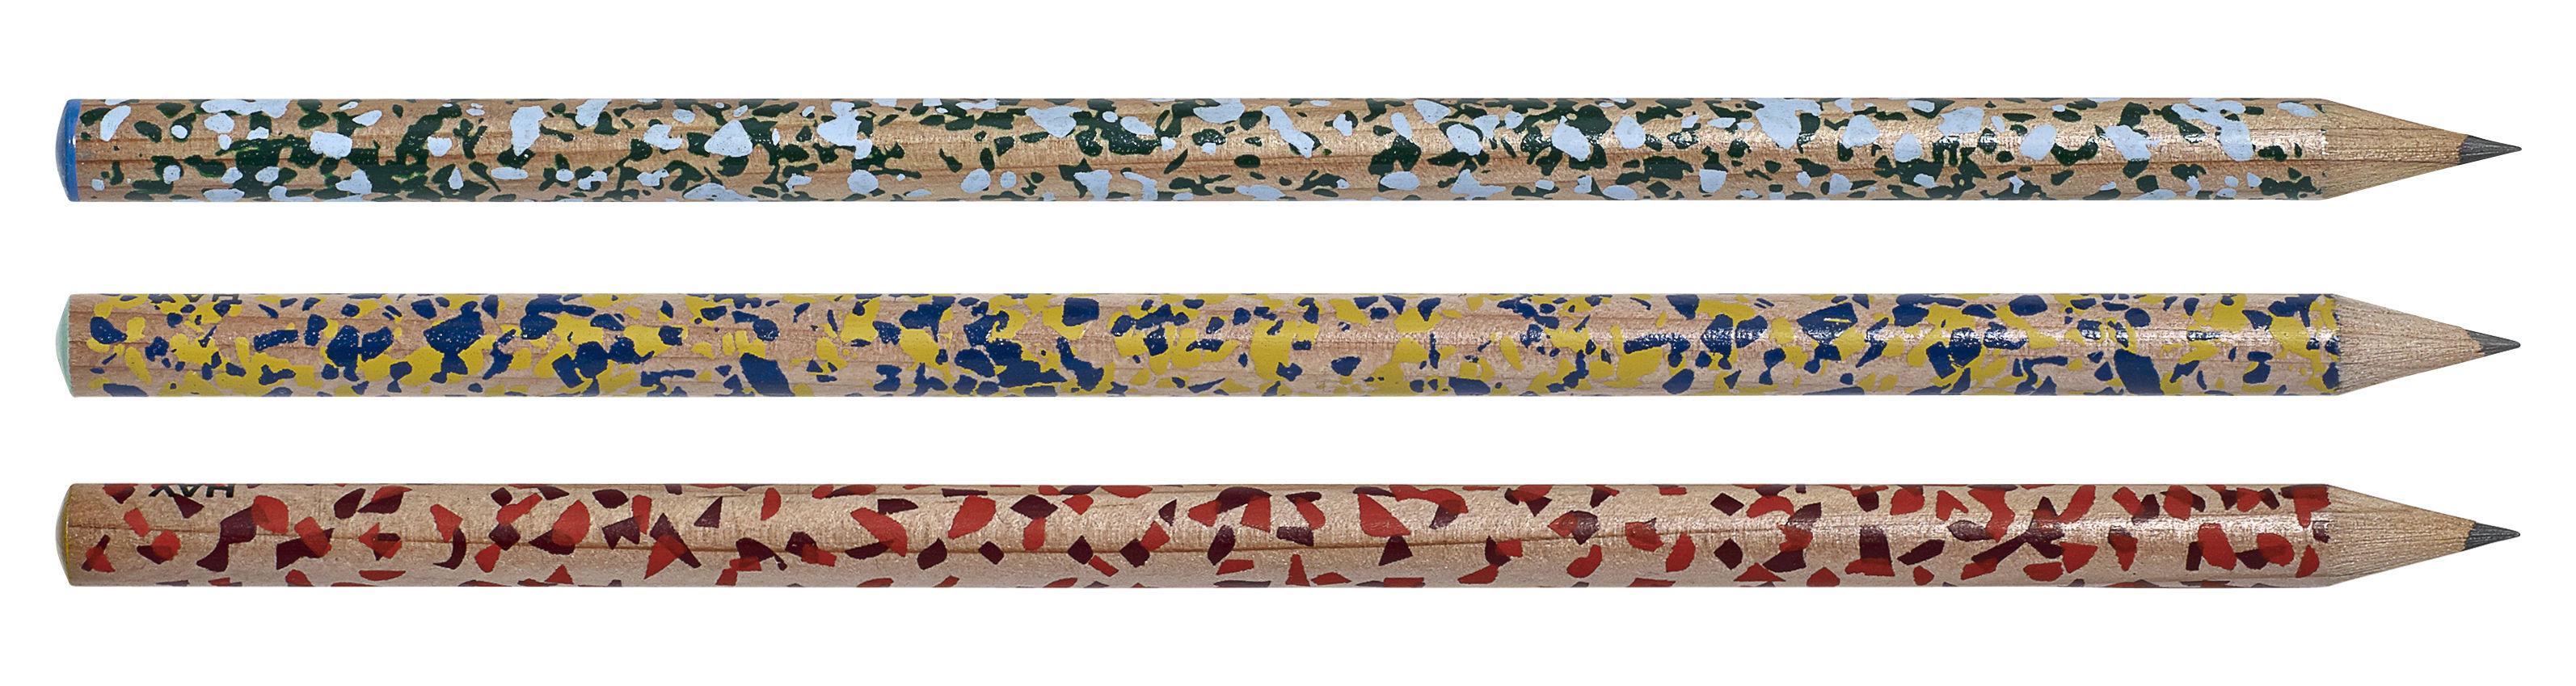 Accessoires - Bloc-notes, cahiers et stylos - Crayon à papier Terrazzo - Hay - Multicolore - Bois